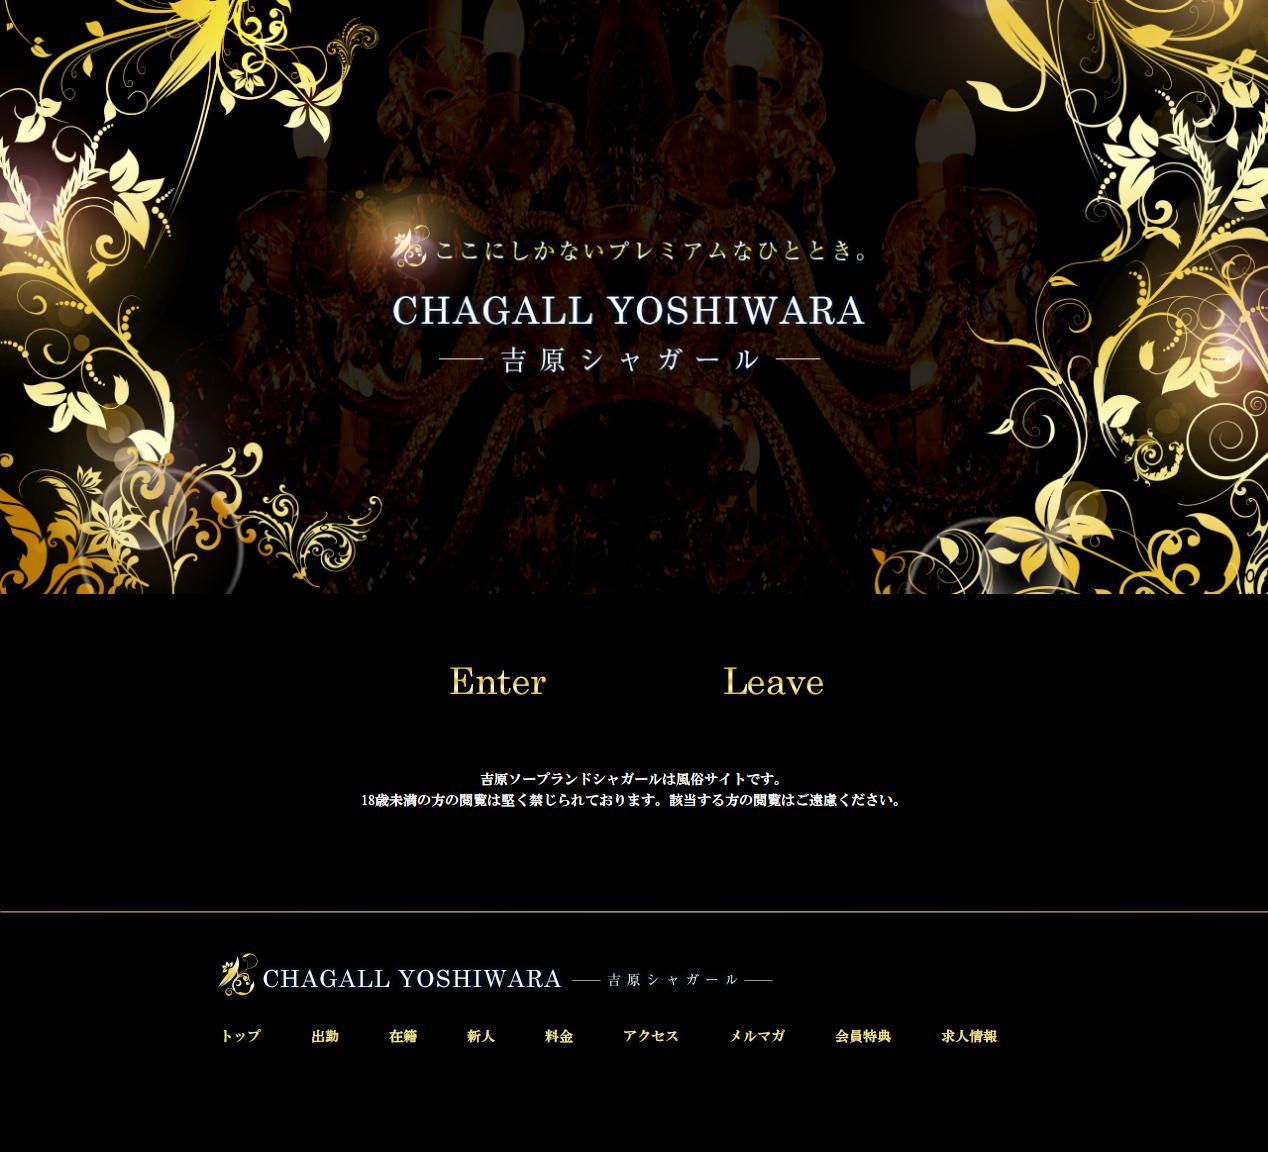 オフィシャルサイトデザイン